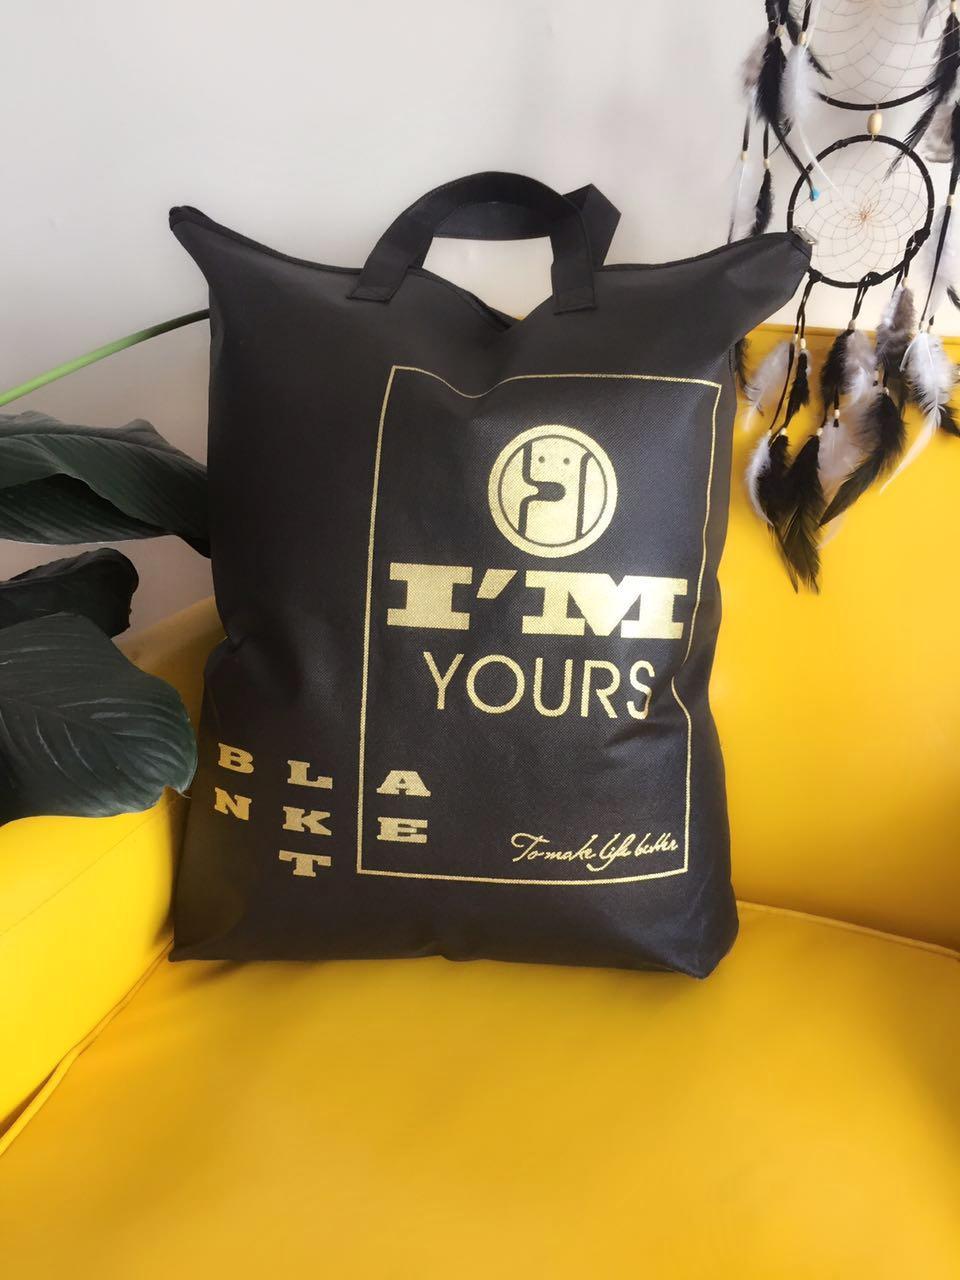 Cổ điển cho thêm túi tote ánh sáng khăn tay màu đen khác túi chăn màu đen mặt màu nhìn phổ biến màu